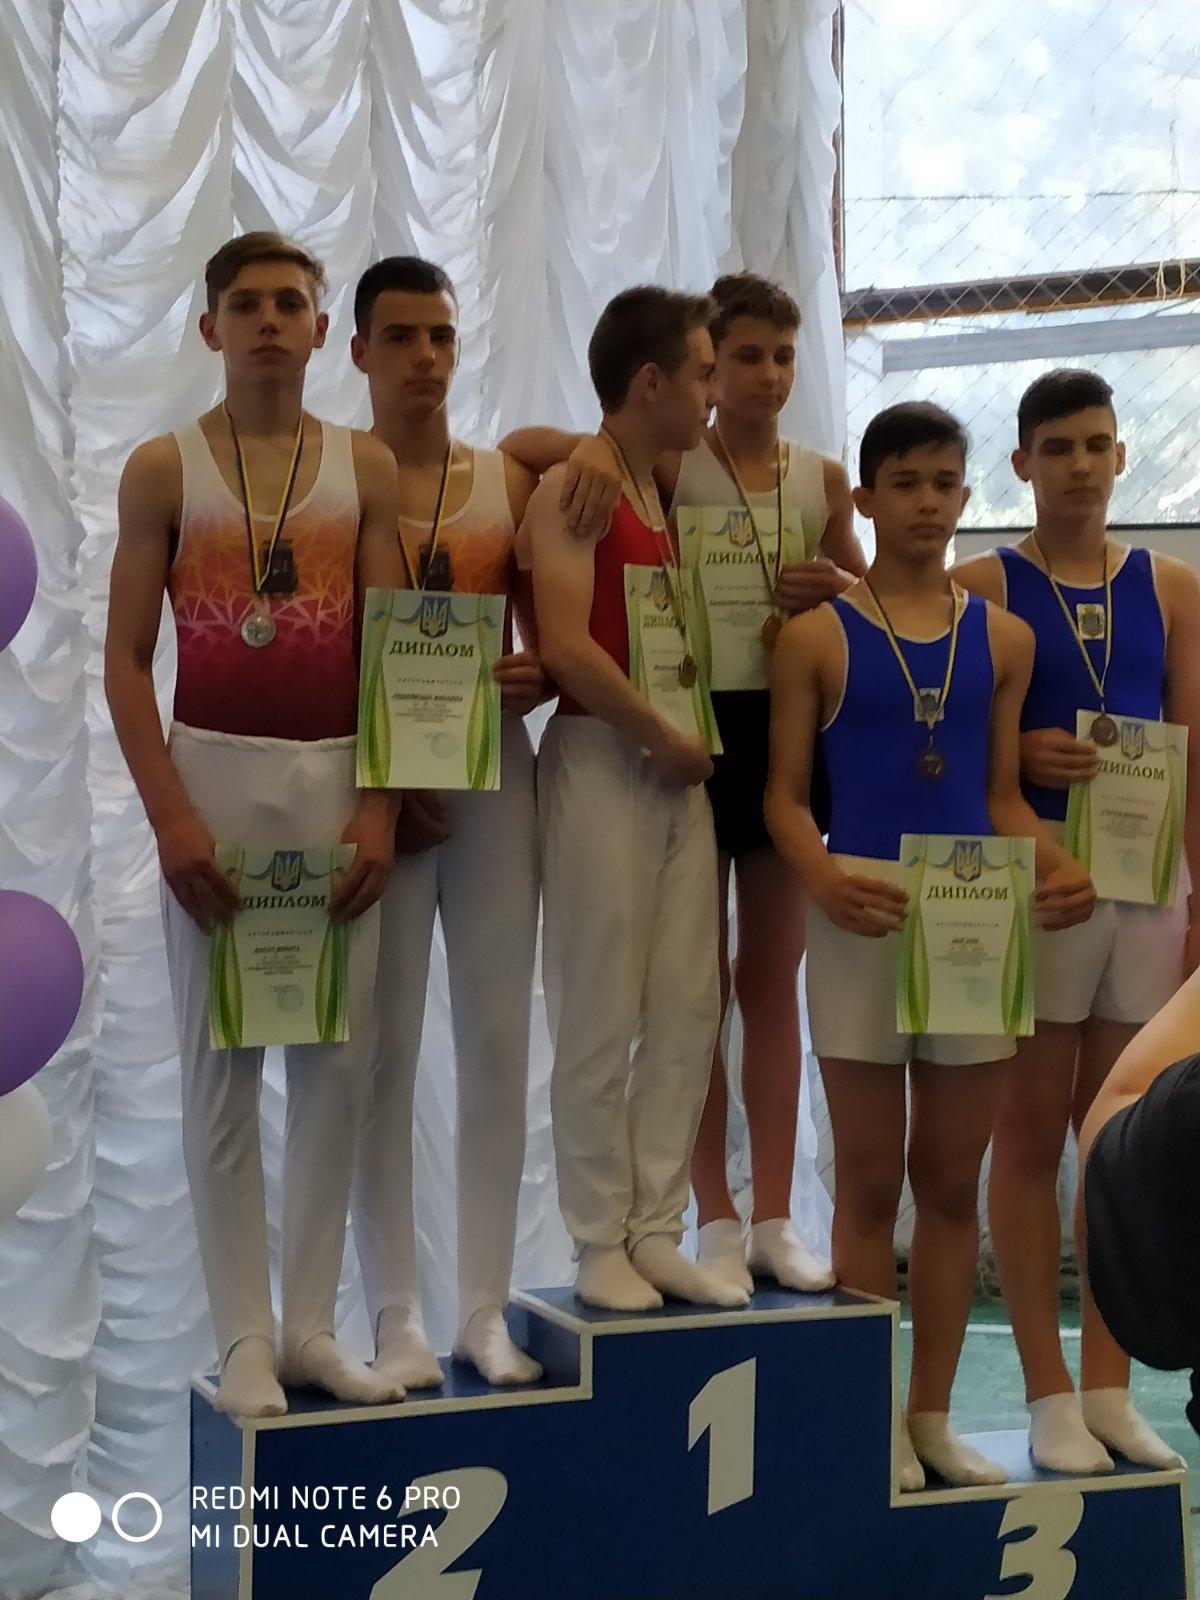 чемпіонат України зі стрибків на батуті, Миколаїв. фото